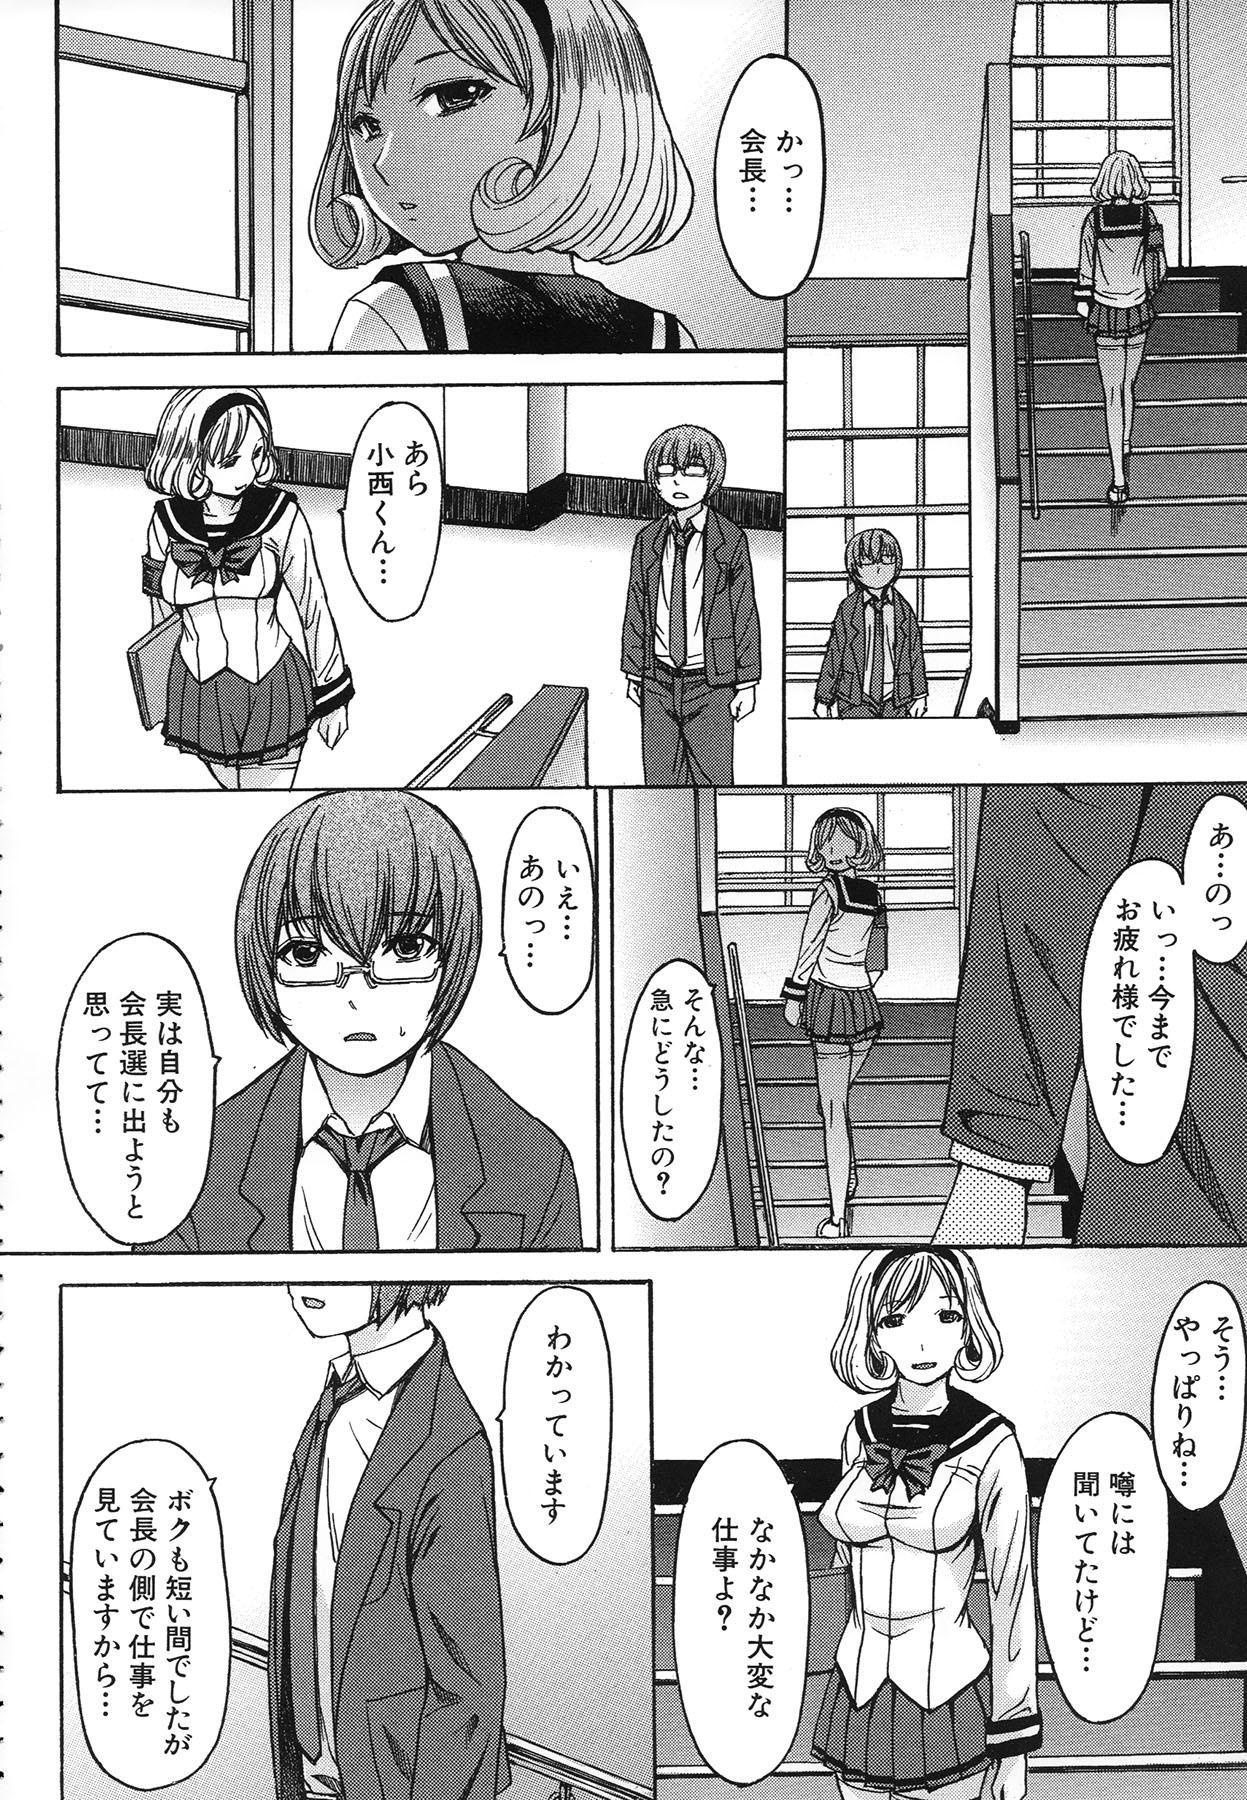 Ashigami 15